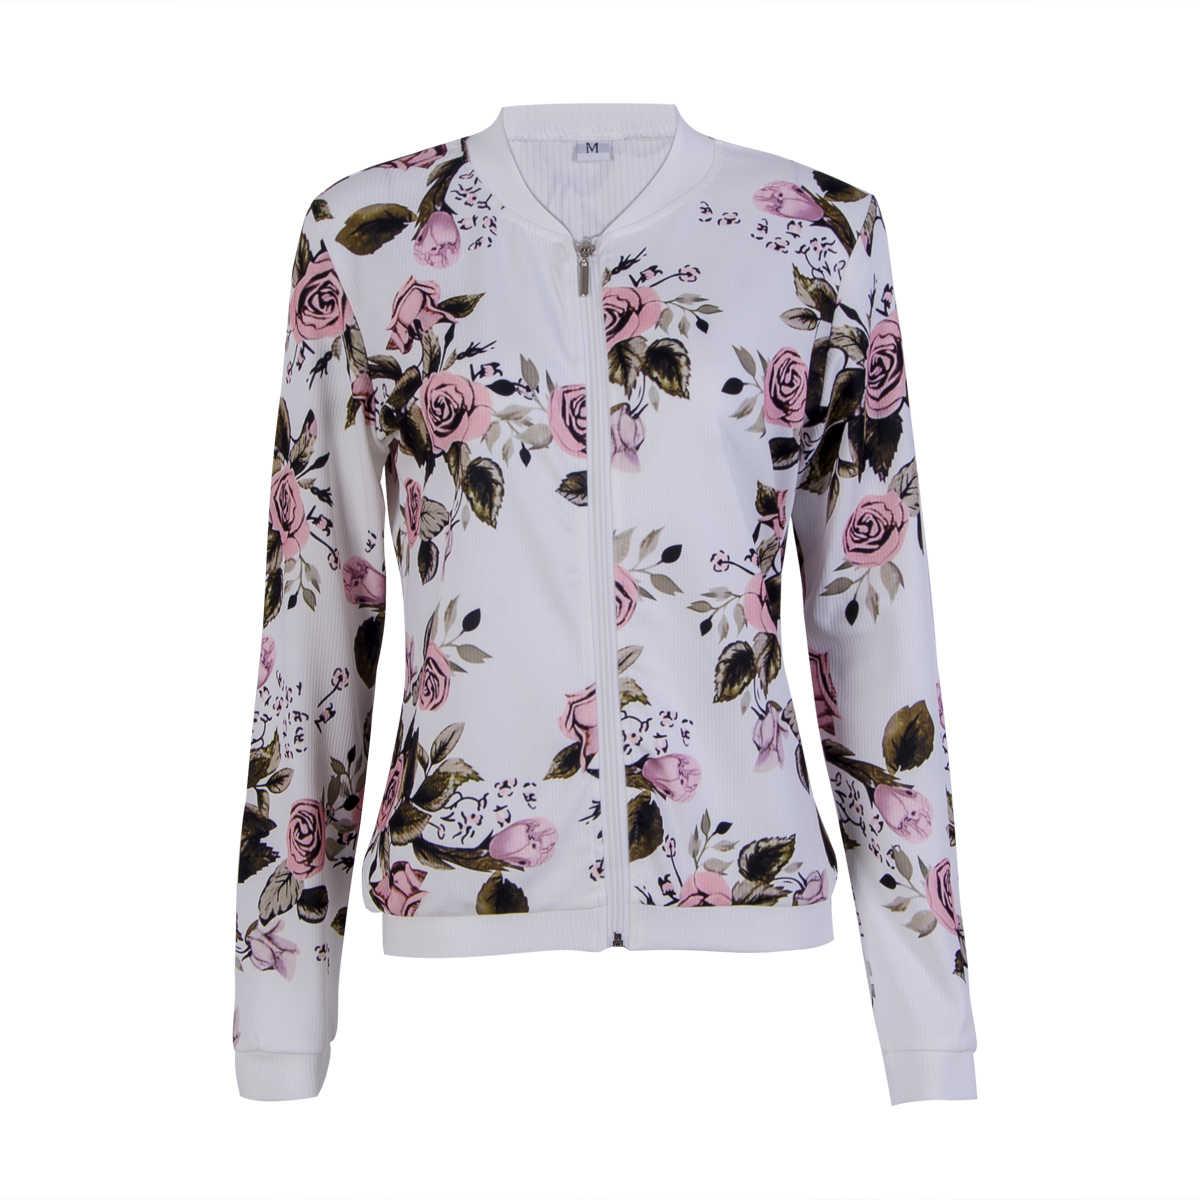 Куртки 2018 новый бренд с длинным рукавом пикантные женские цветочным принтом в стиле ретро на молнии Курточка бомбер Повседневное пальто